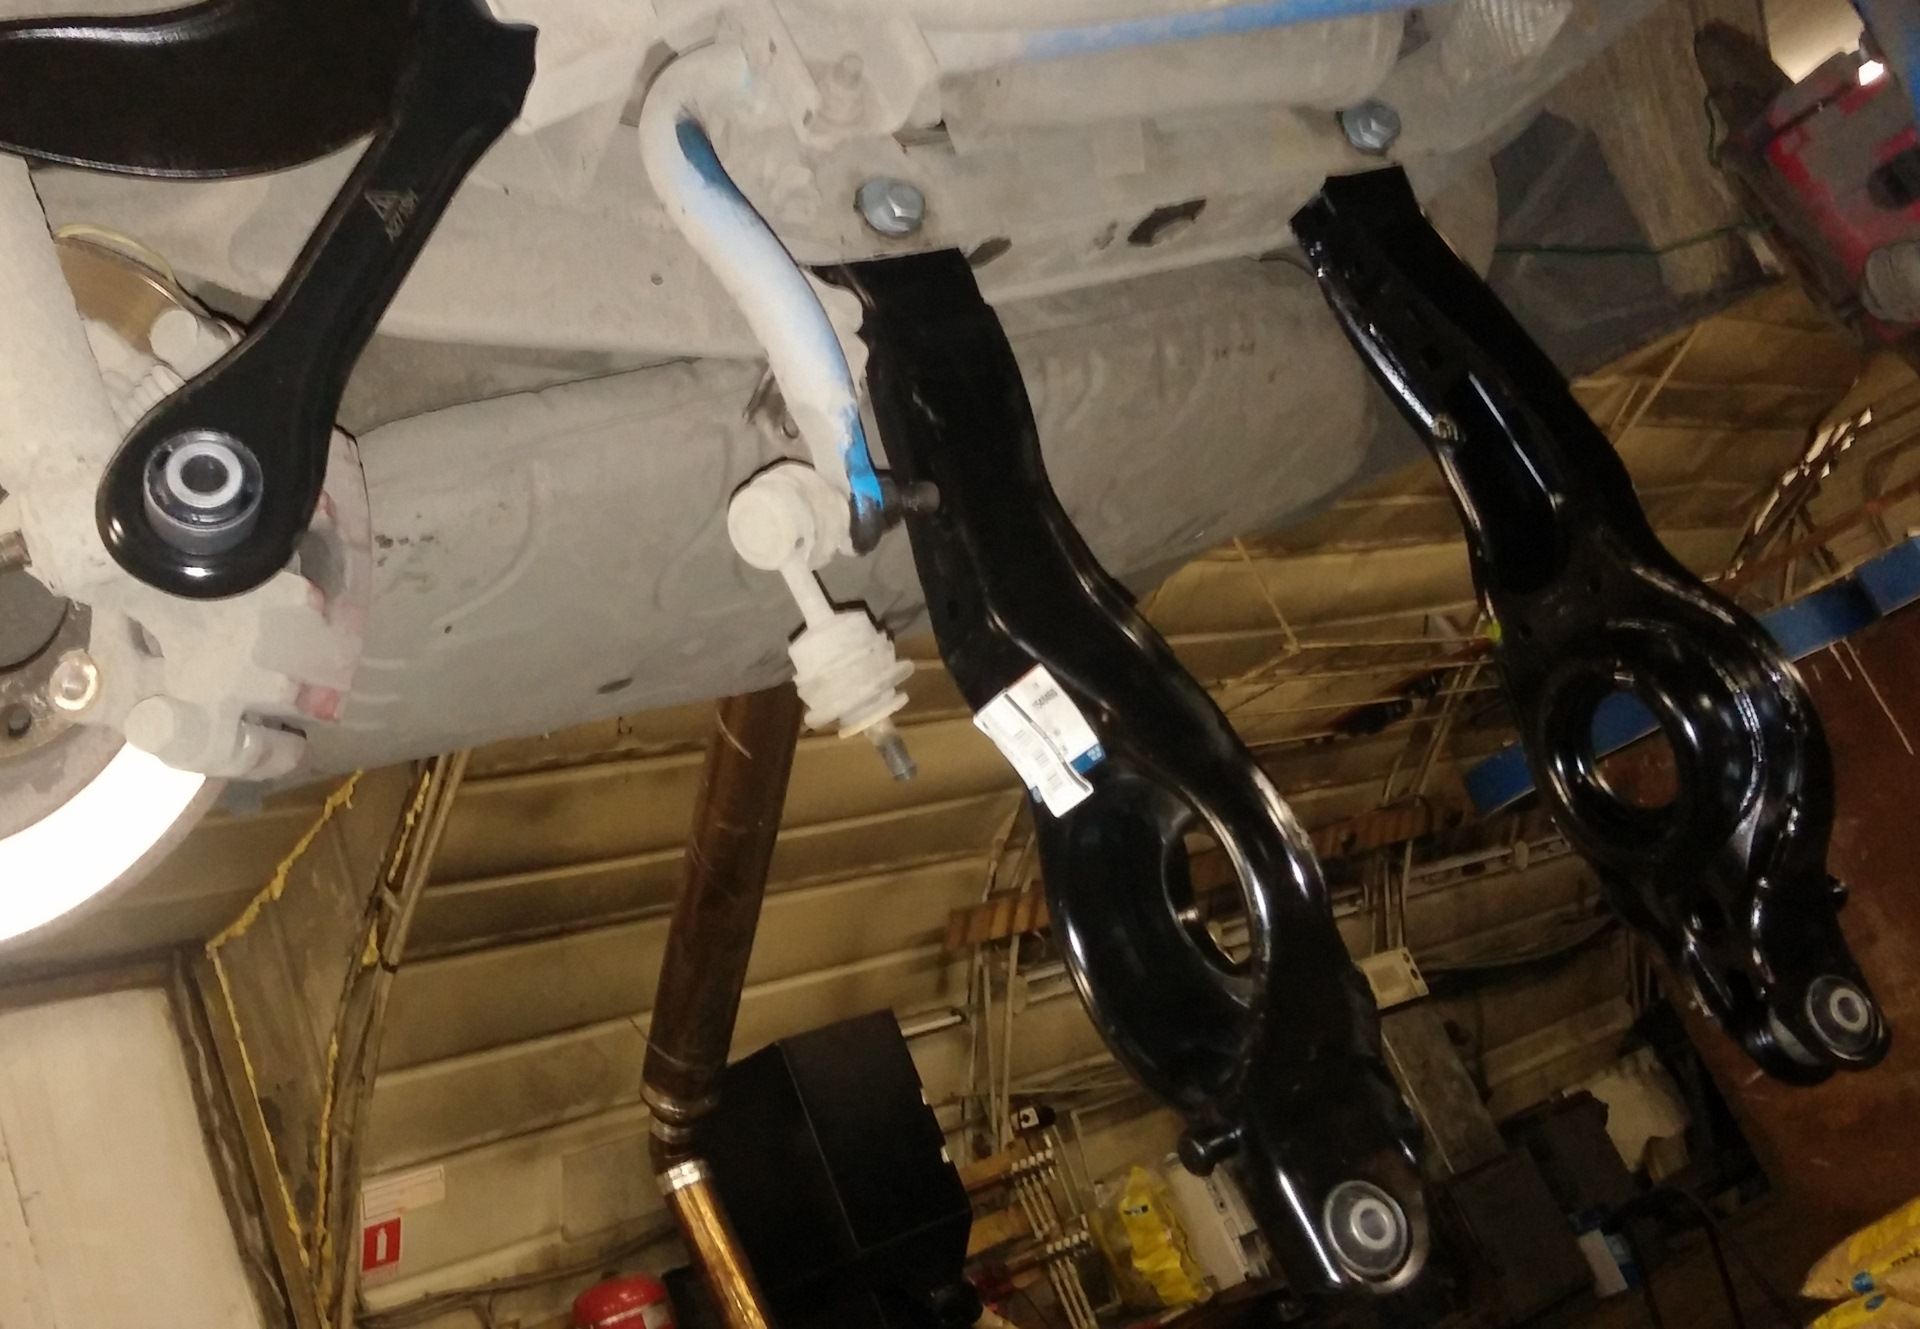 Ford focus ii 1.6/1.8/2.0 л руководство по эксплуатации, техническому обслуживанию и ремонту